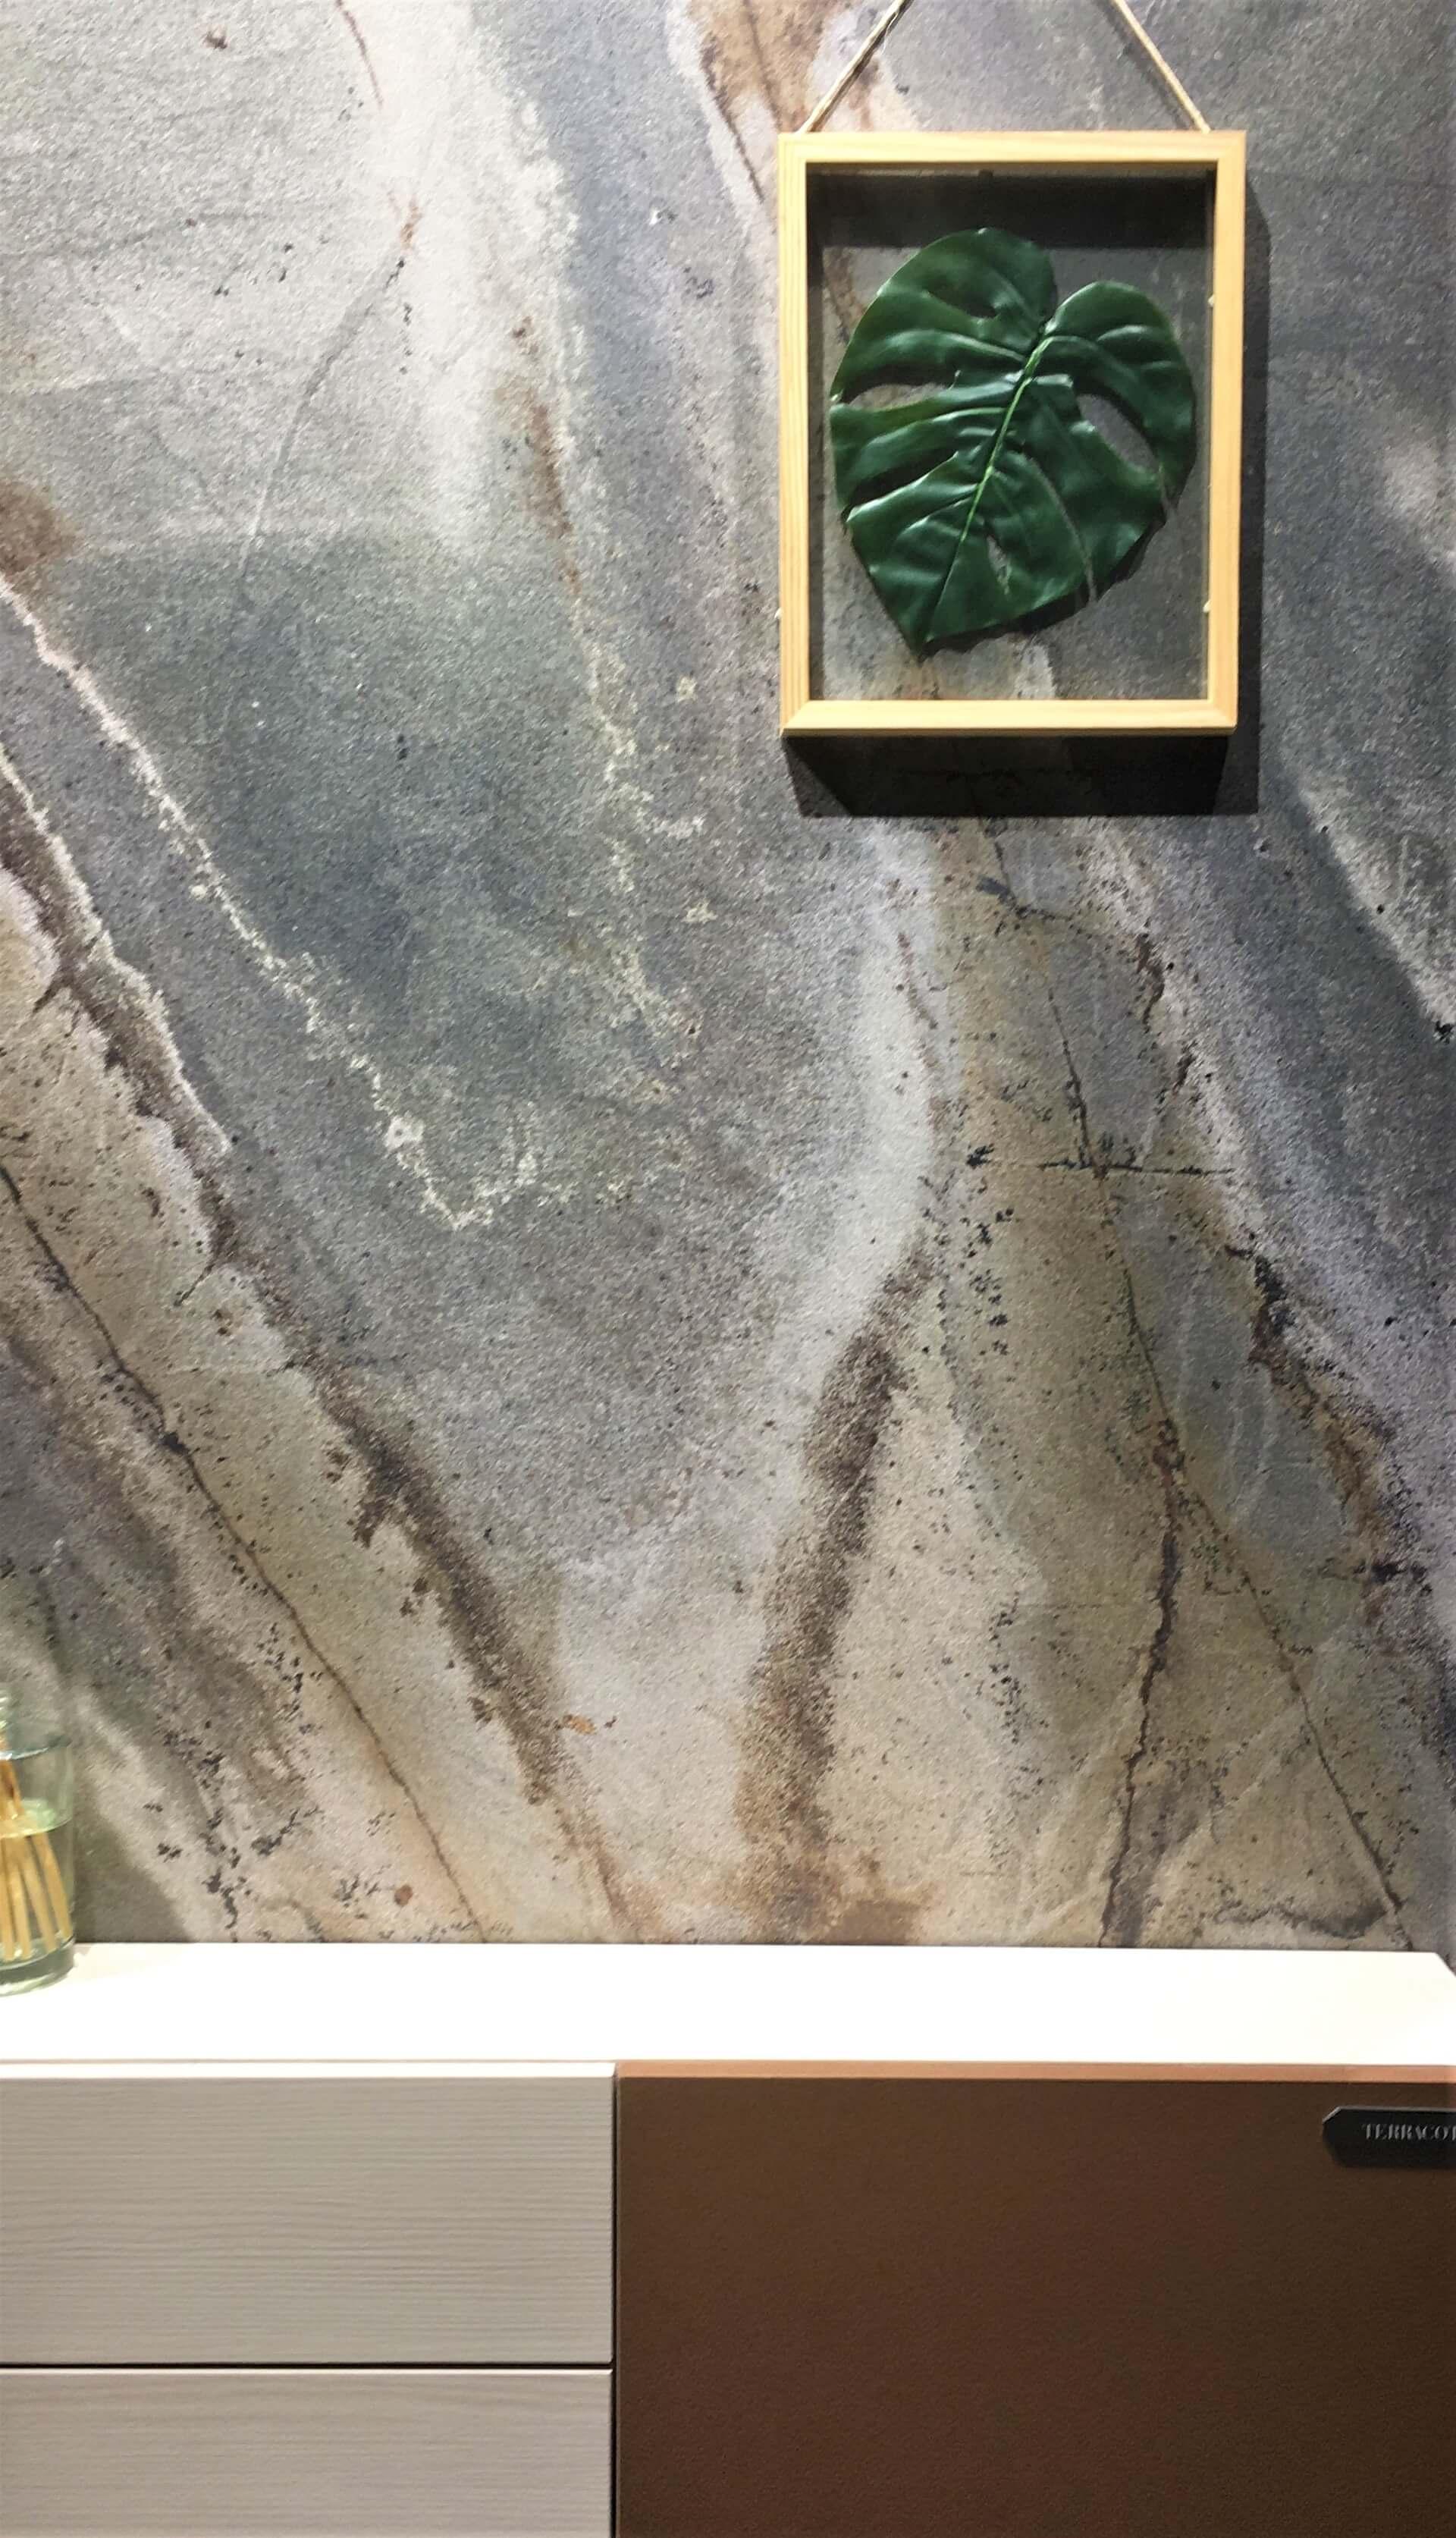 Imagem: Painel de MDF marmorizado da Linha Magma da Guararapes, lançamento da Exporevestir 2019. Foto: Arquiteca Projetos.